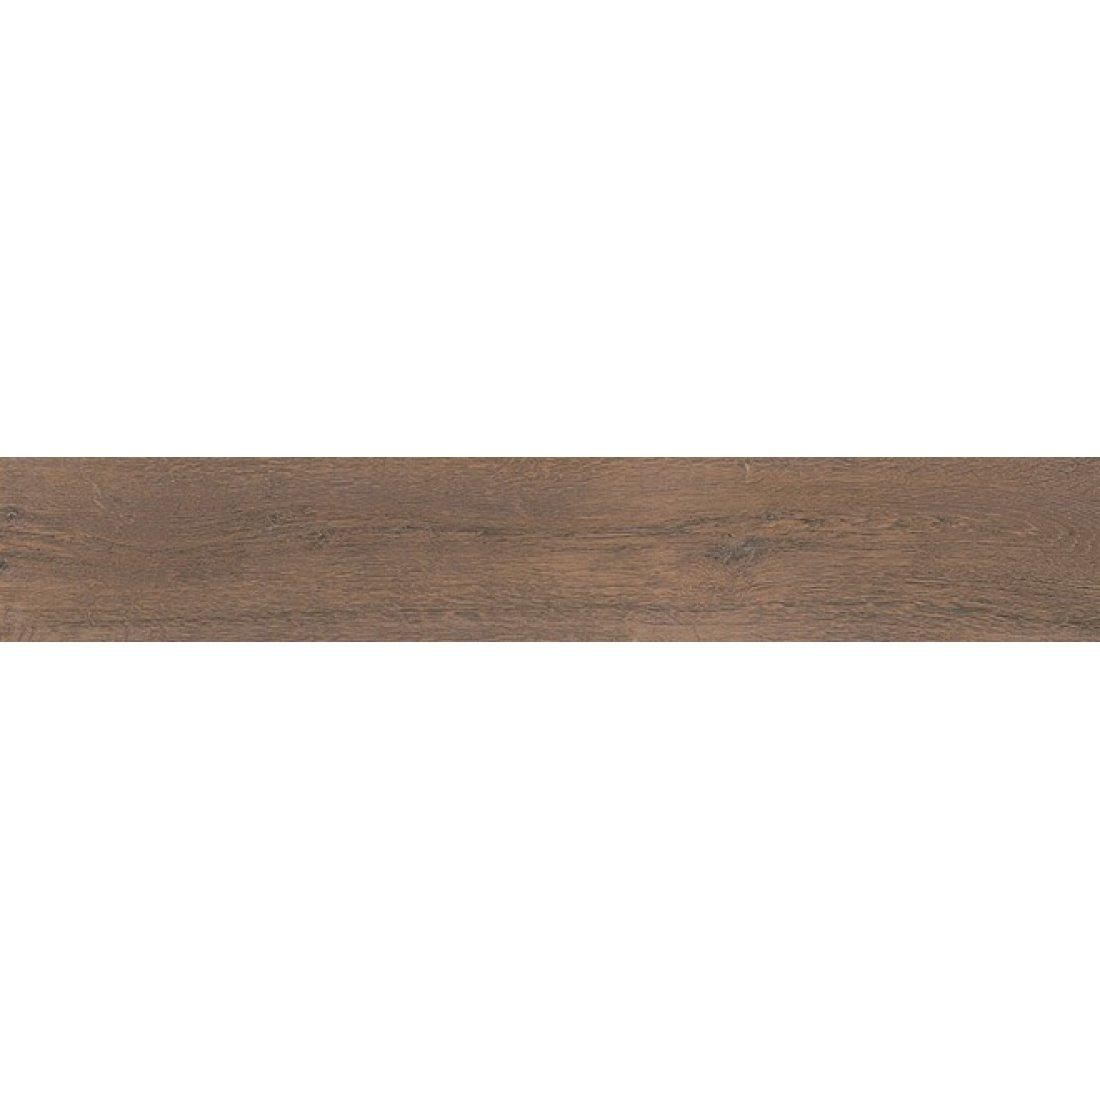 Мербау коричневый обрезной 20*119,5 керамический гранит KERAMA MARAZZI, артикул SG510200R